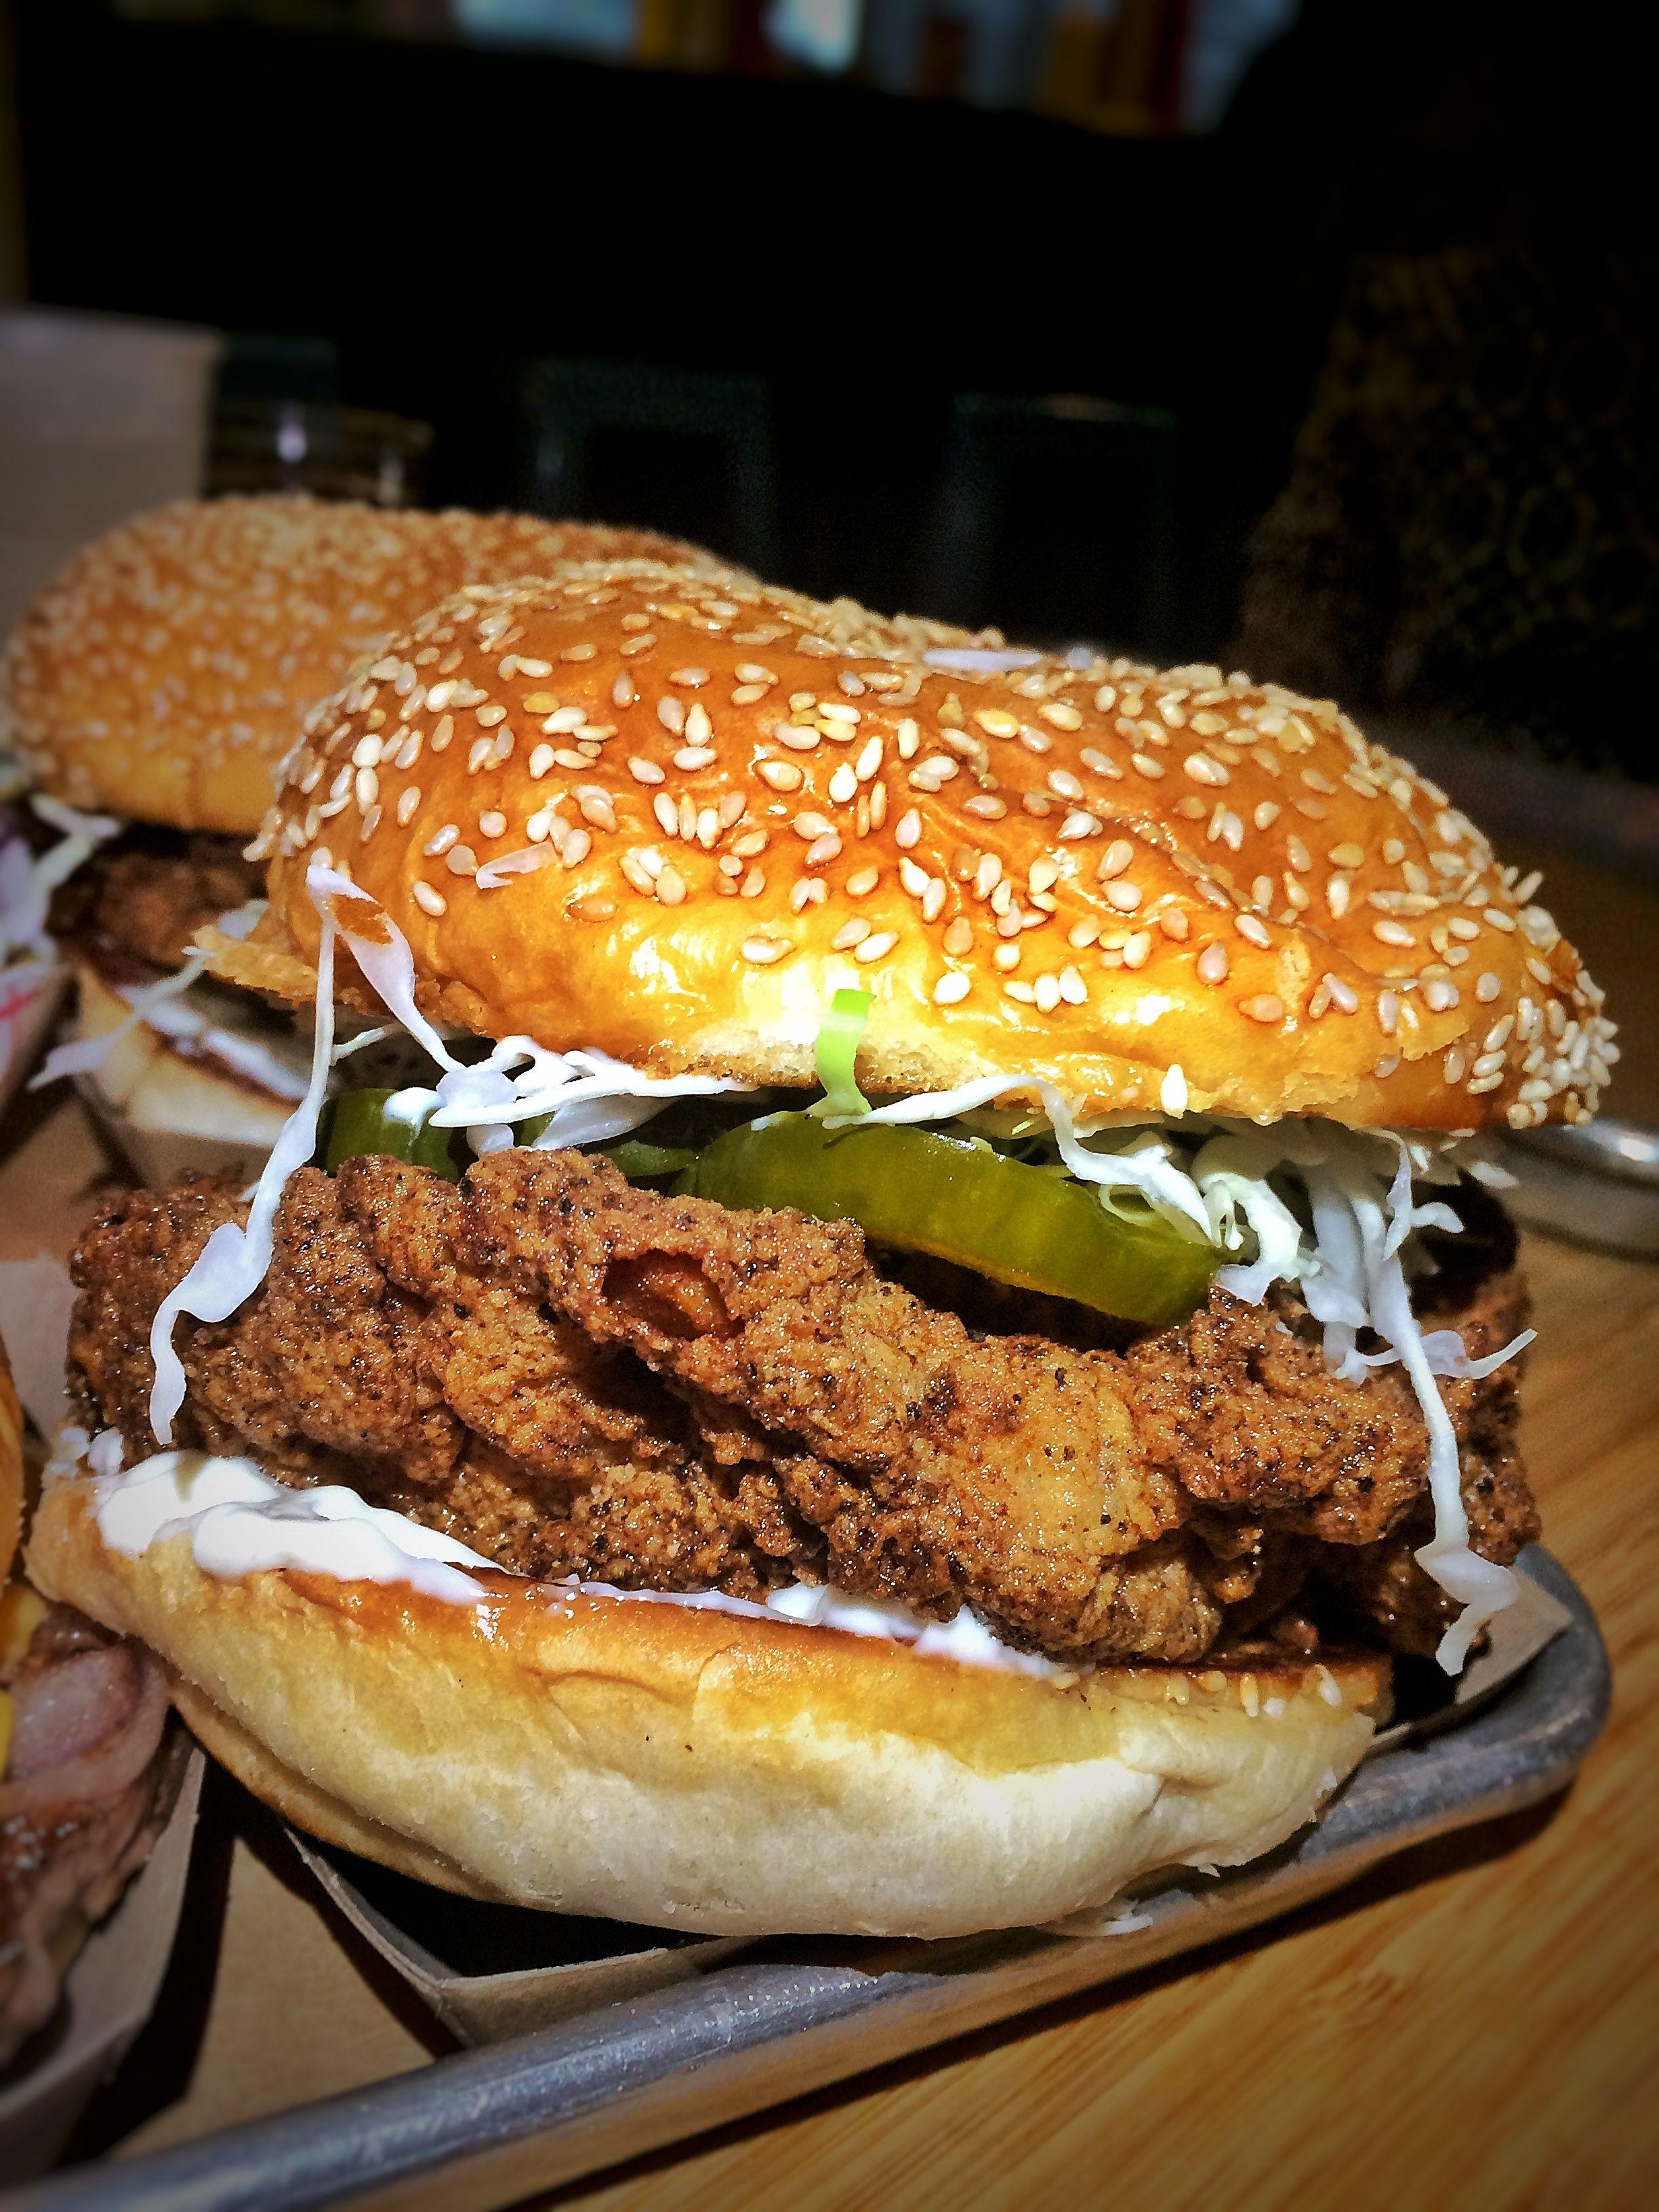 Tuesday chicken sandwich chicken evieeats nola panyburger